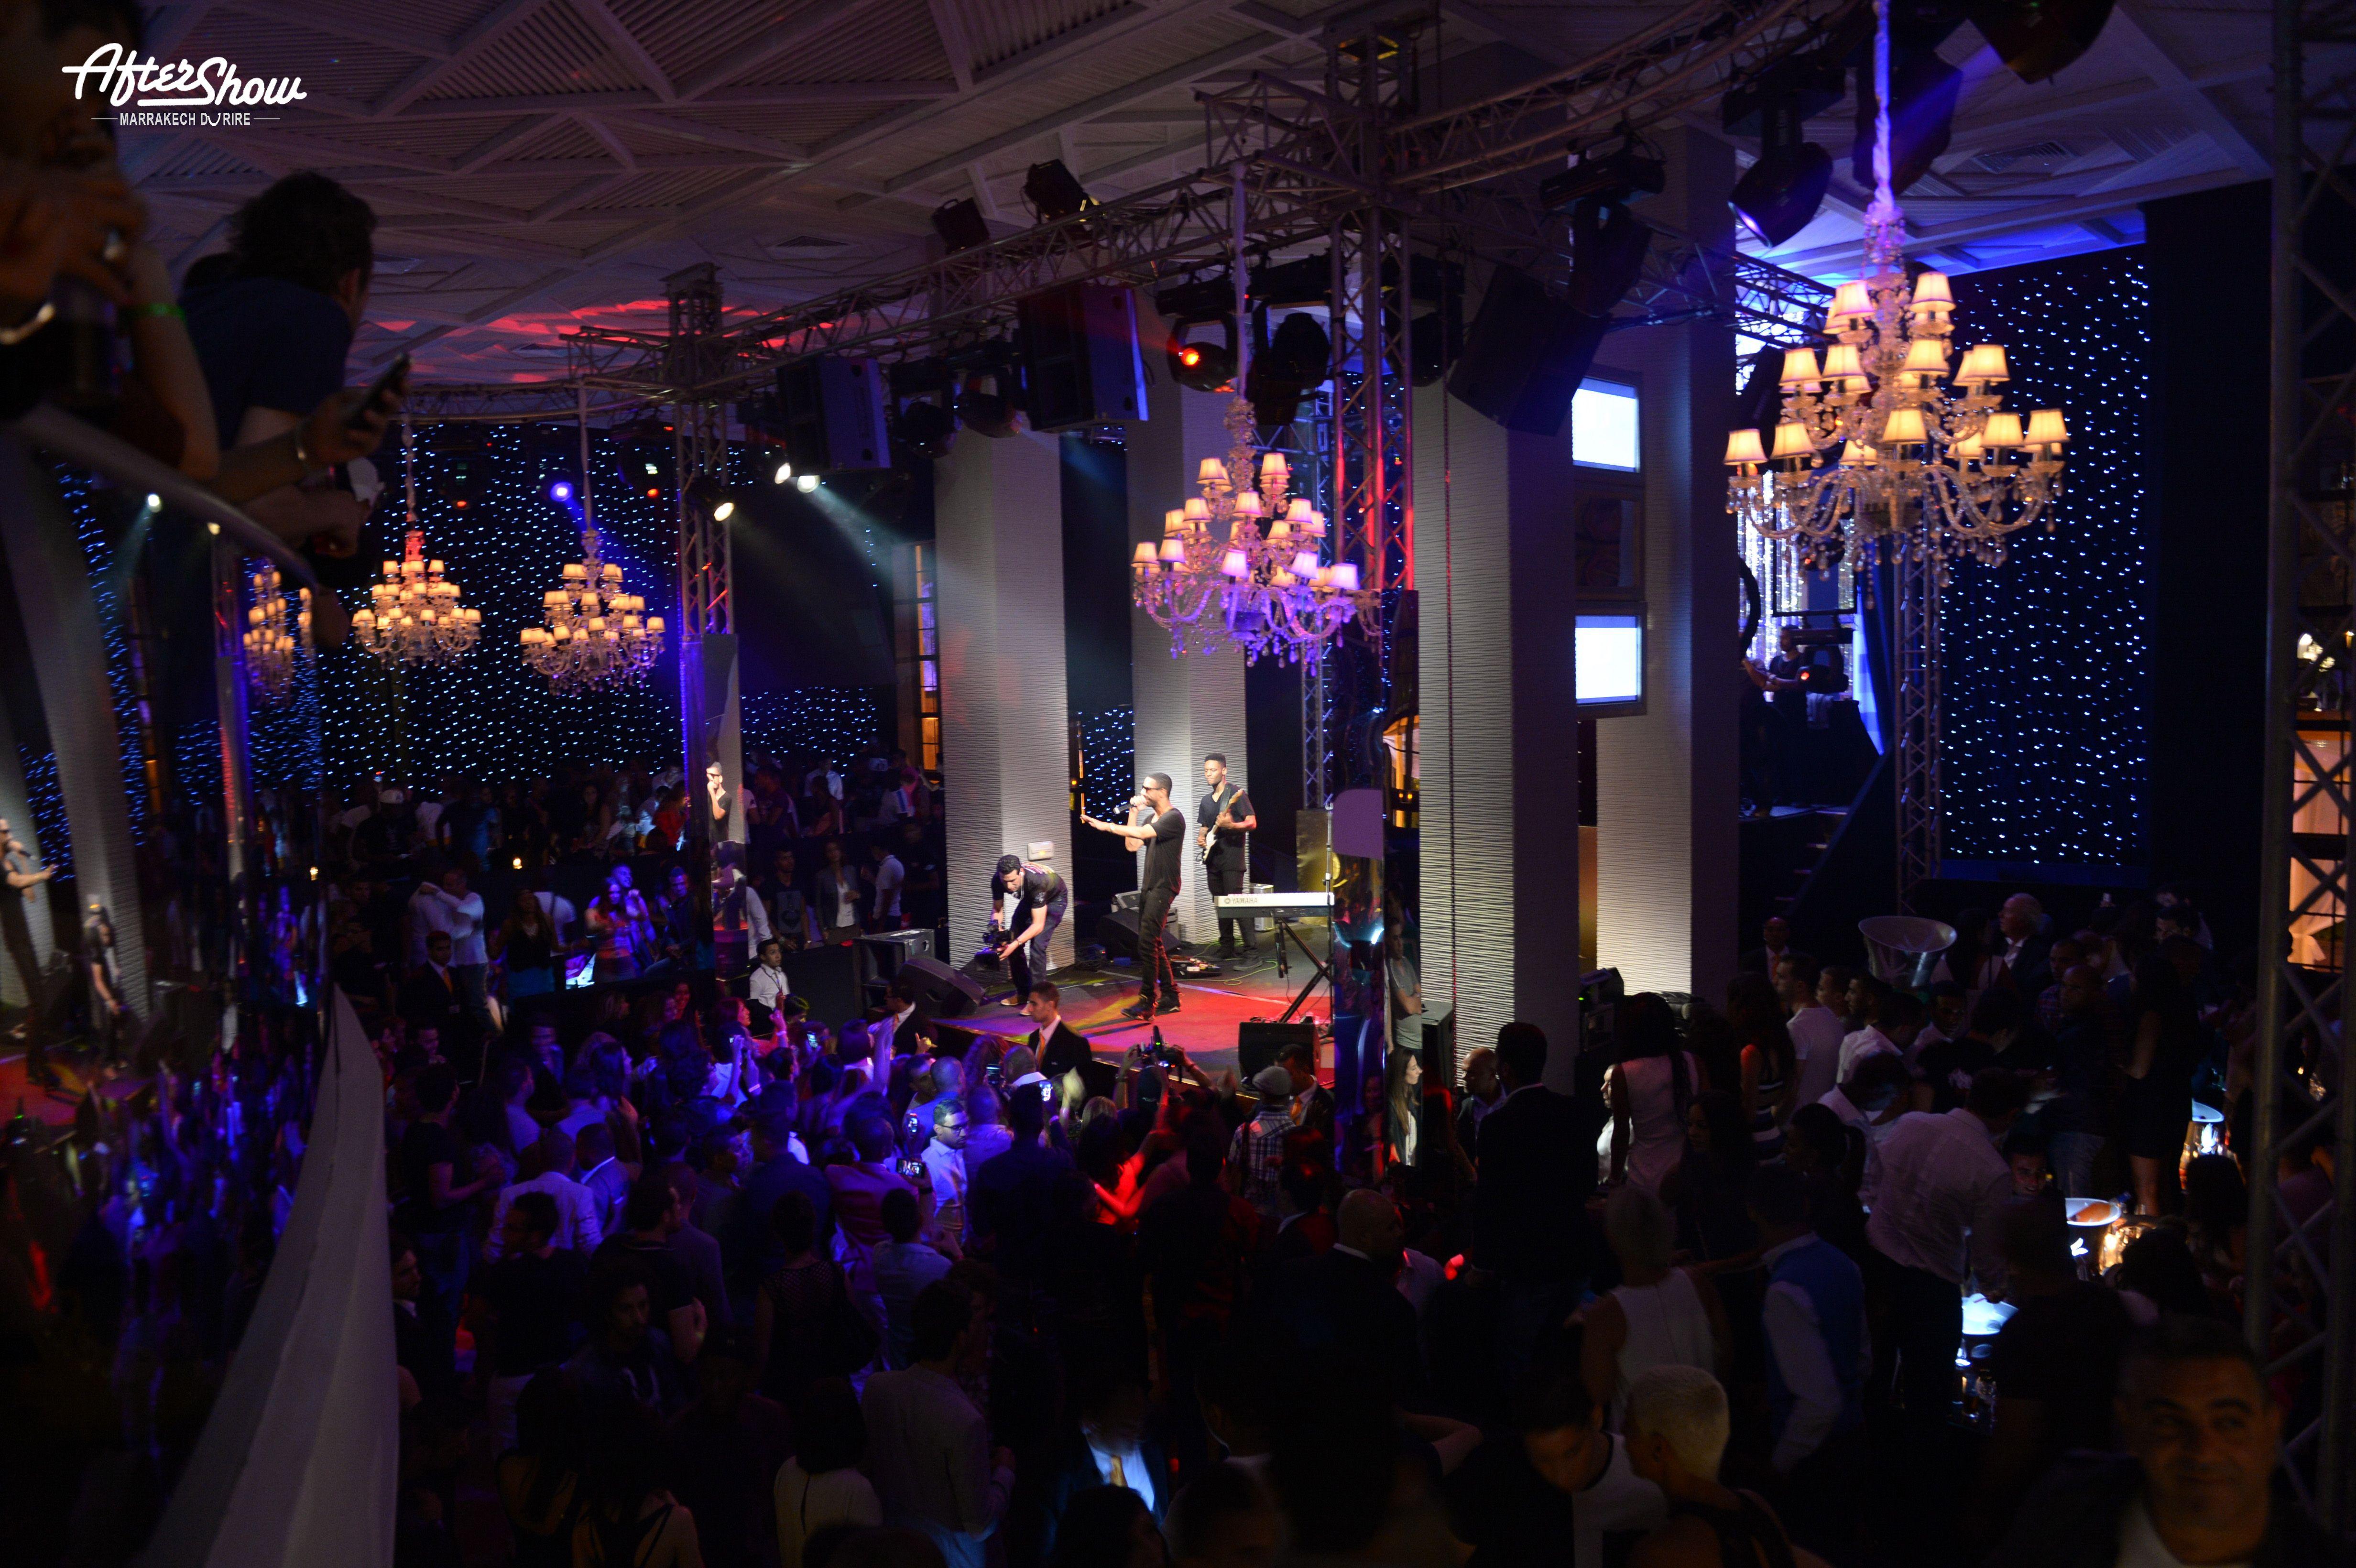 Les Préparations pour les soirées AfterShowMDR Commencent, Rendez vous à Marrakech #Marrakech #AfterShowMDR